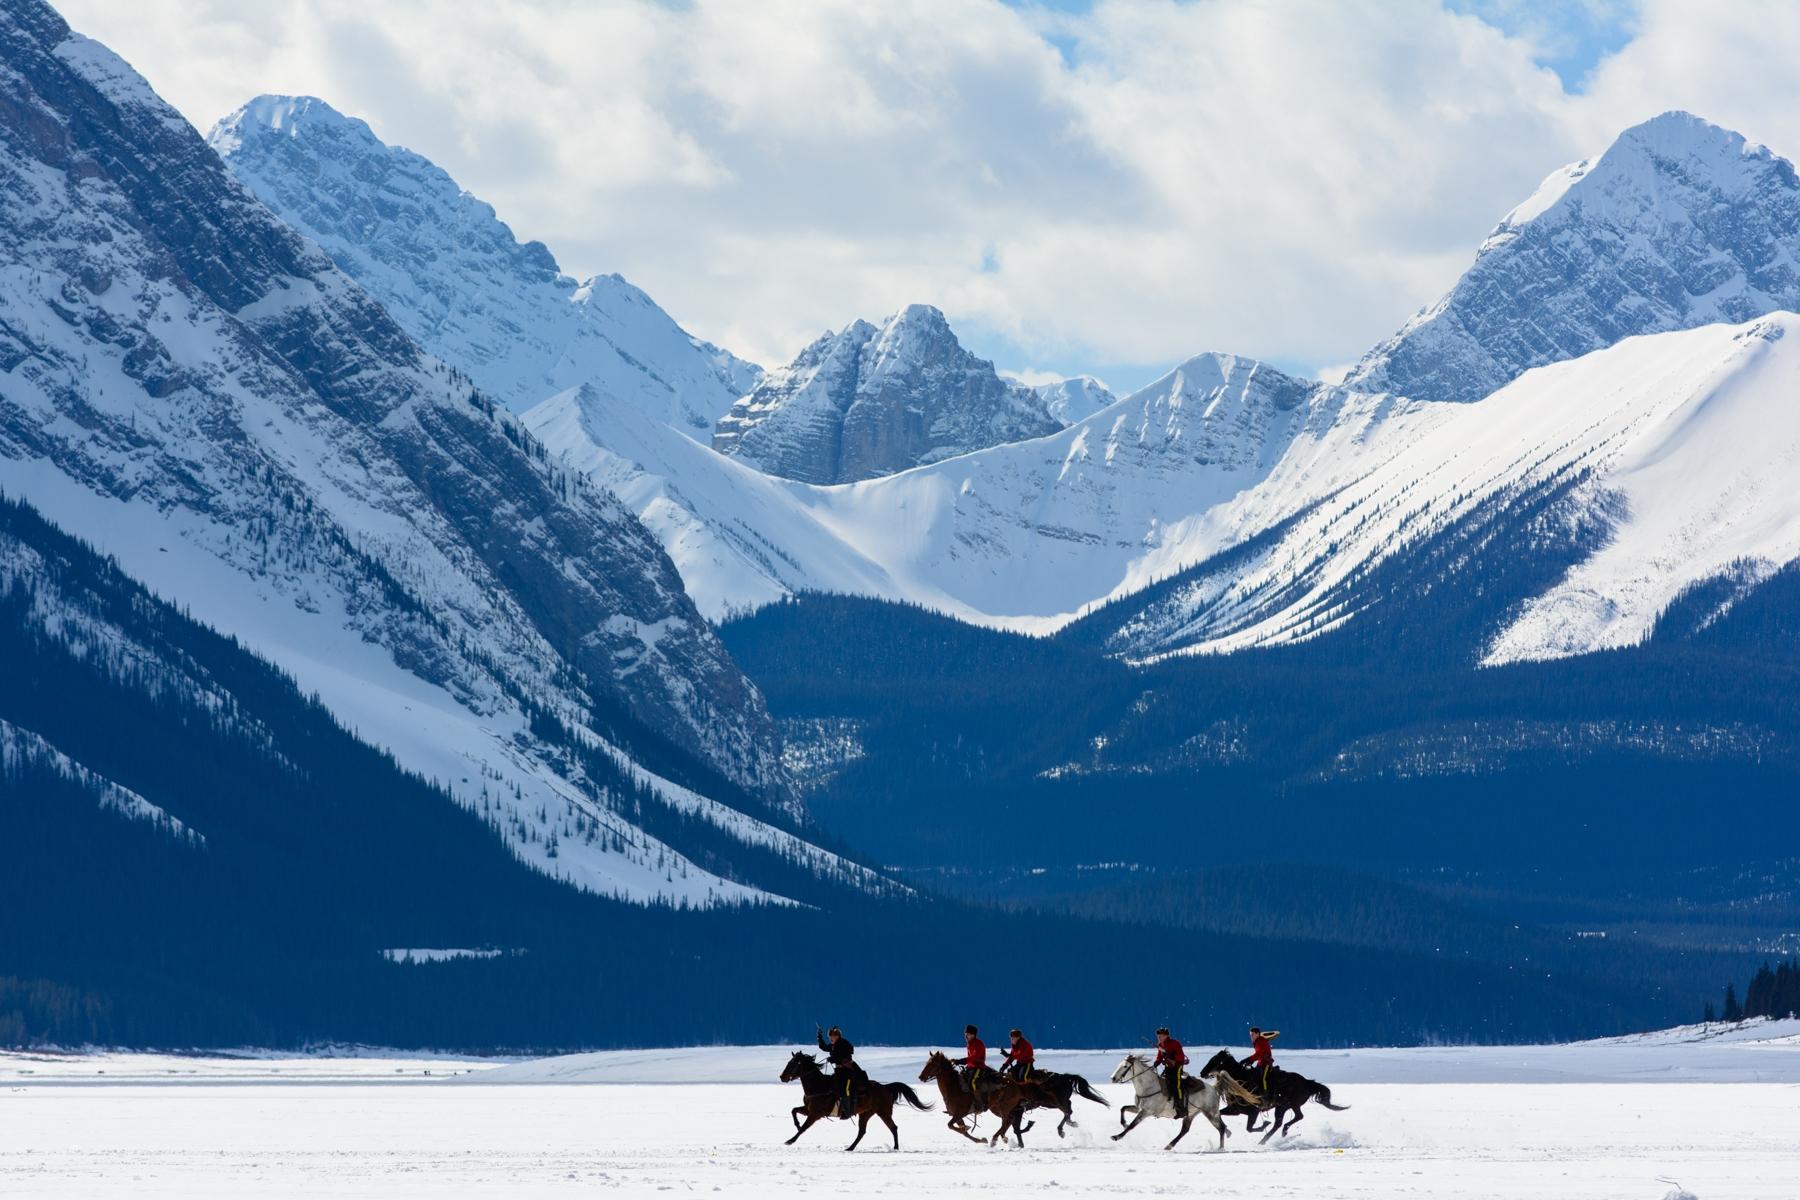 Filming Alberta